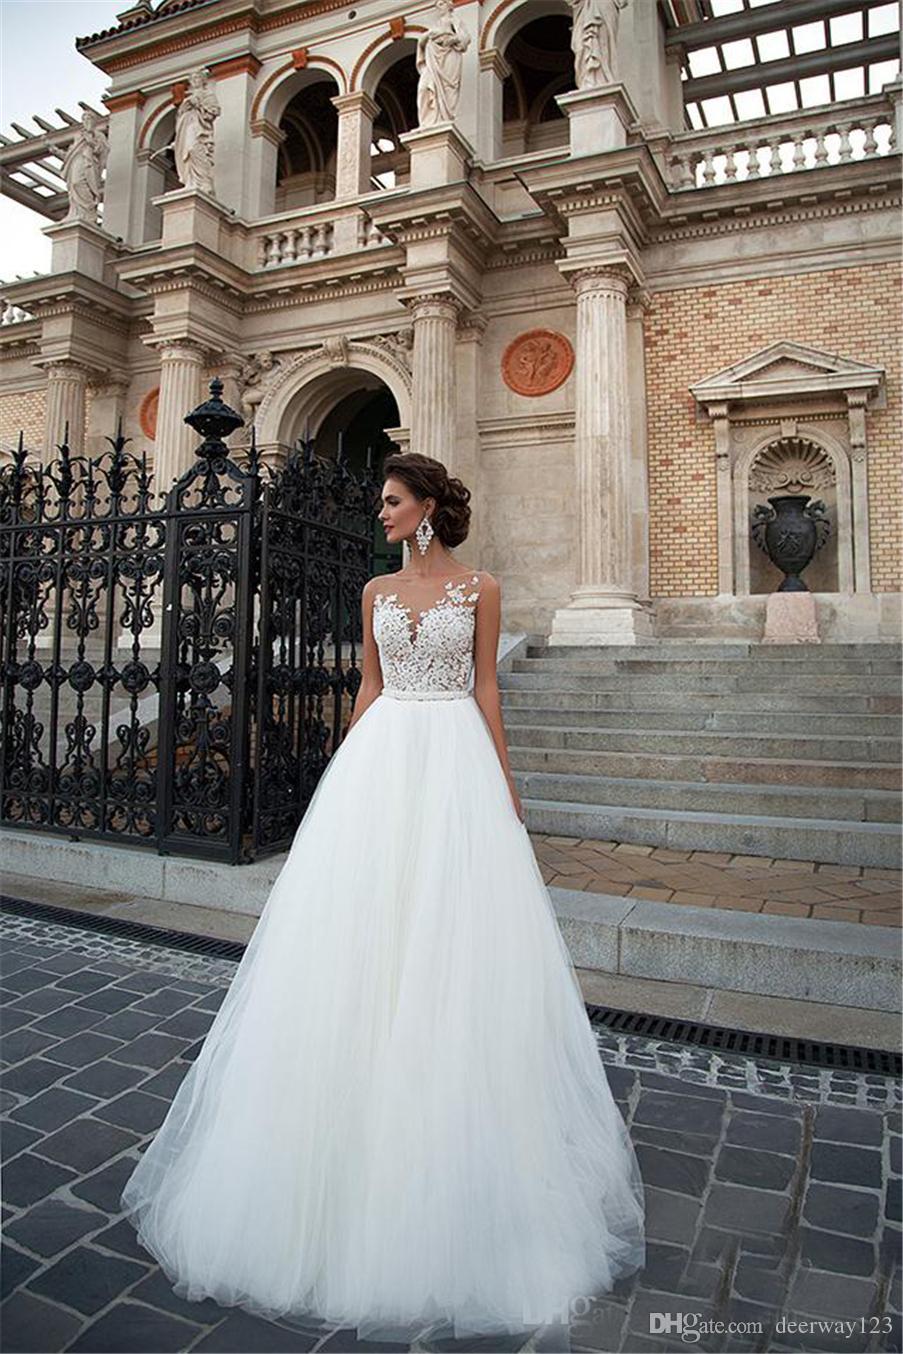 A 라인 빈티지 레이스 Appliqued 페르시 웨딩 드레스 신부 가운 최신 섹시한 스쿠프 넥 민소매 웨딩 드레스